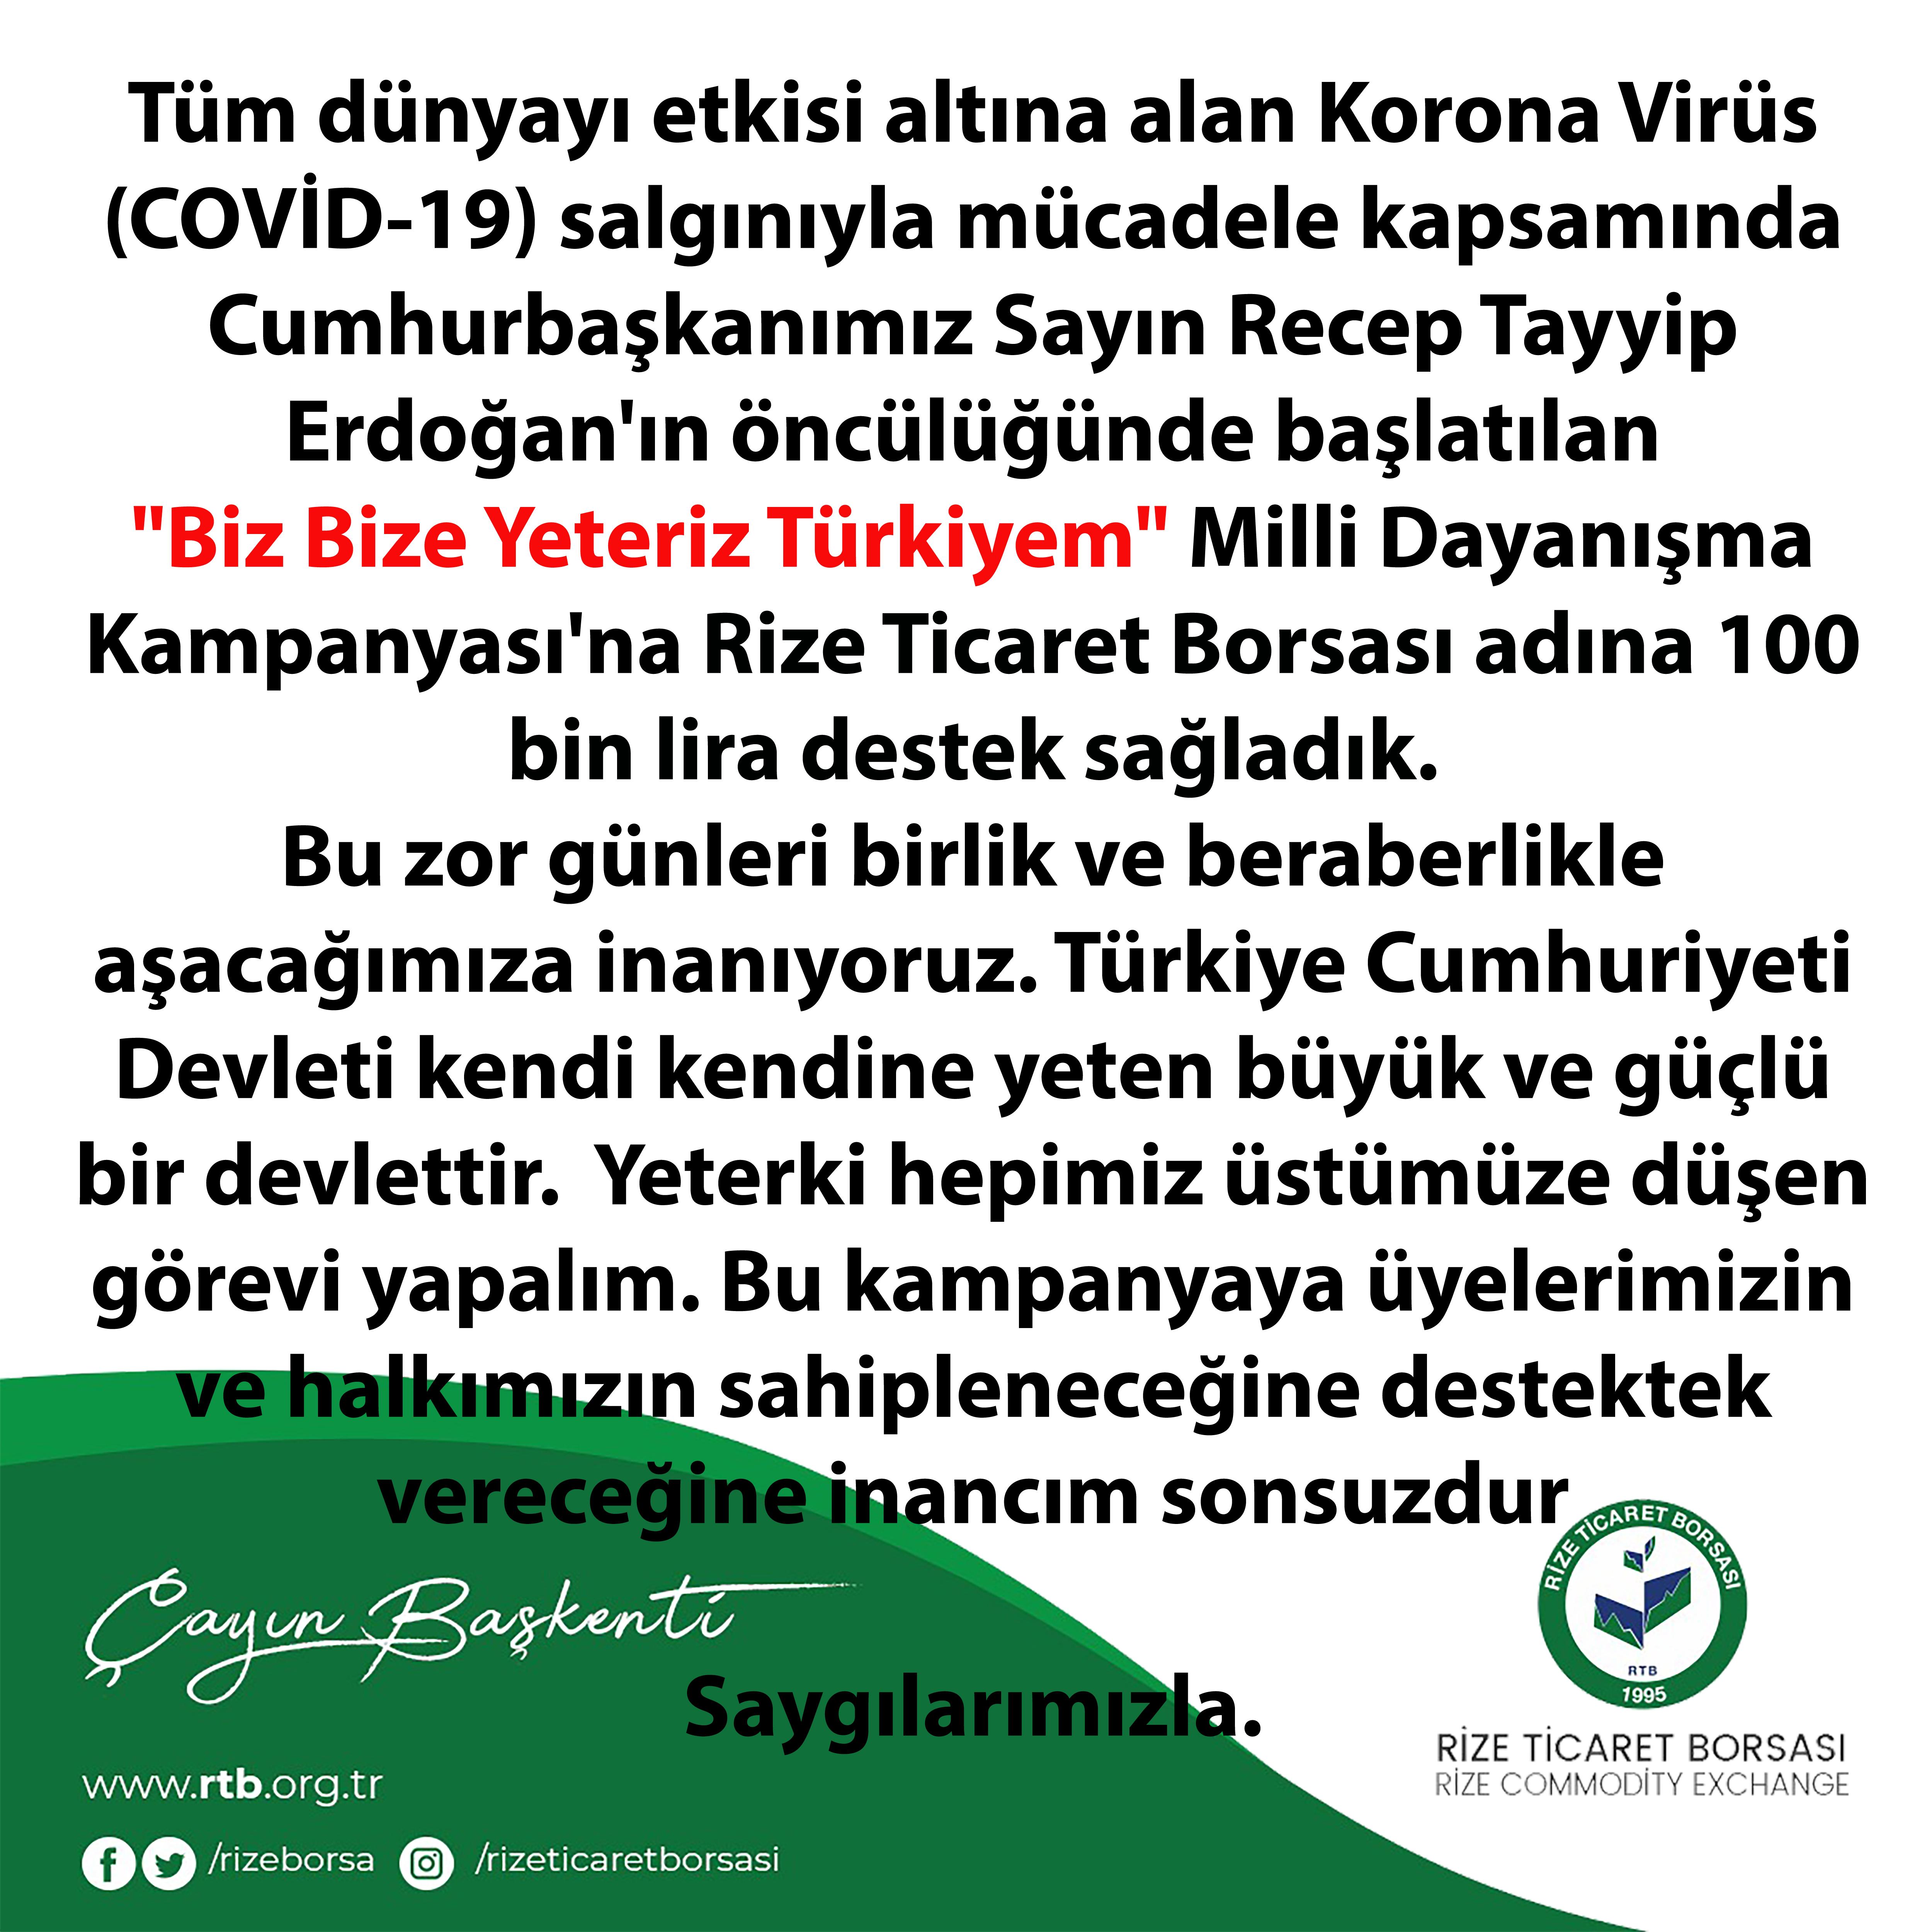 Biz Bize Yeteriz Türkiyem Kampanyasına Borsadan Tam Destek